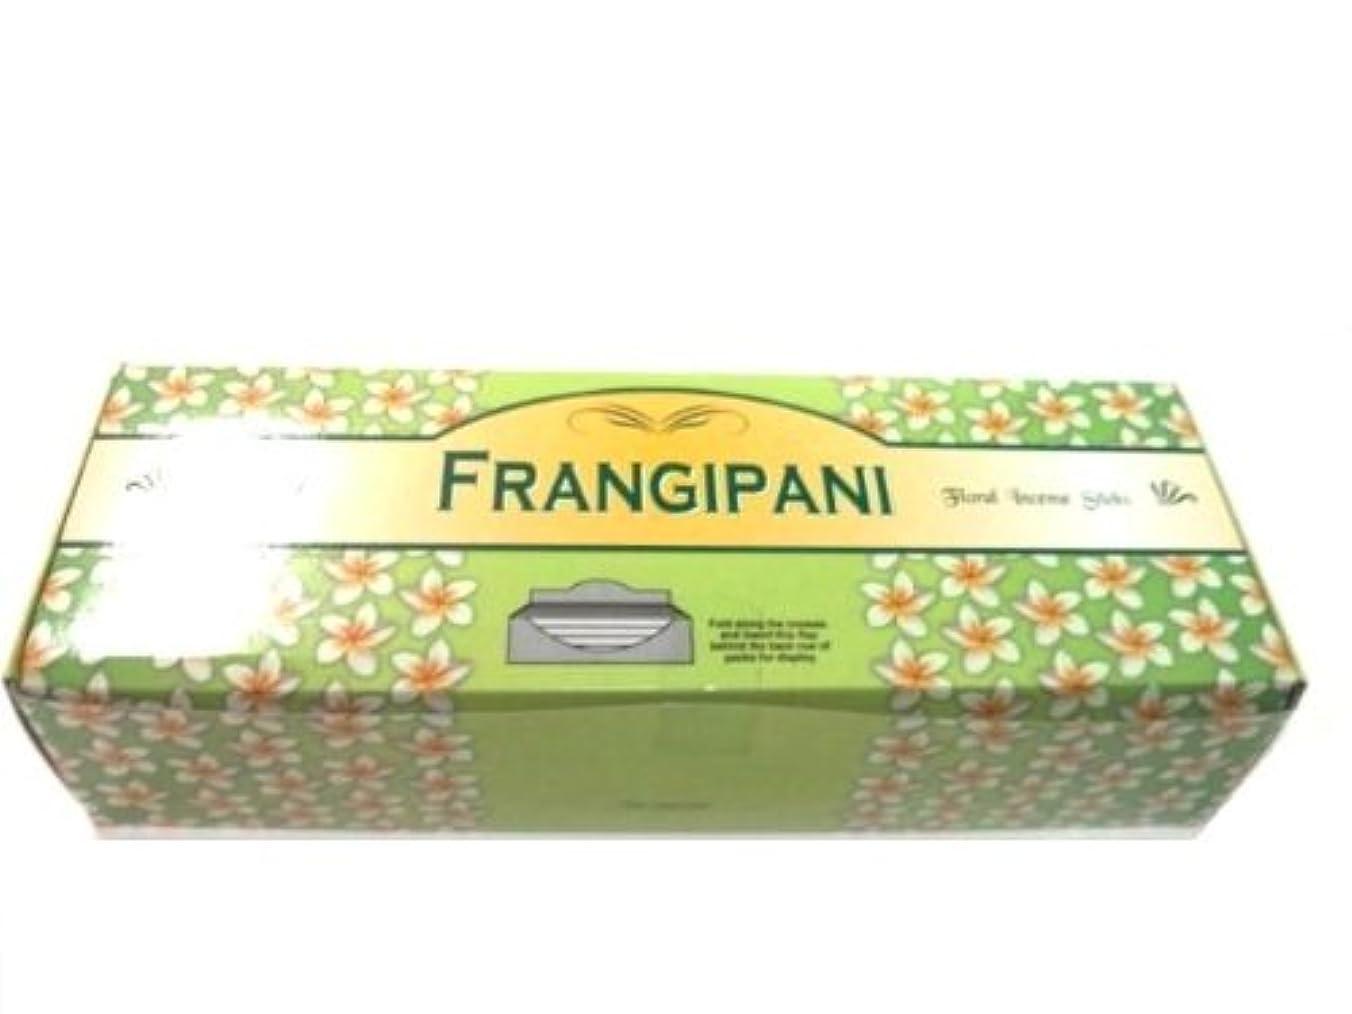 形成リダクター首尾一貫したTulasi フランジパニ(FRANGEPANI)香 スティック 6角(20本入り)×6箱 HEXAPACK